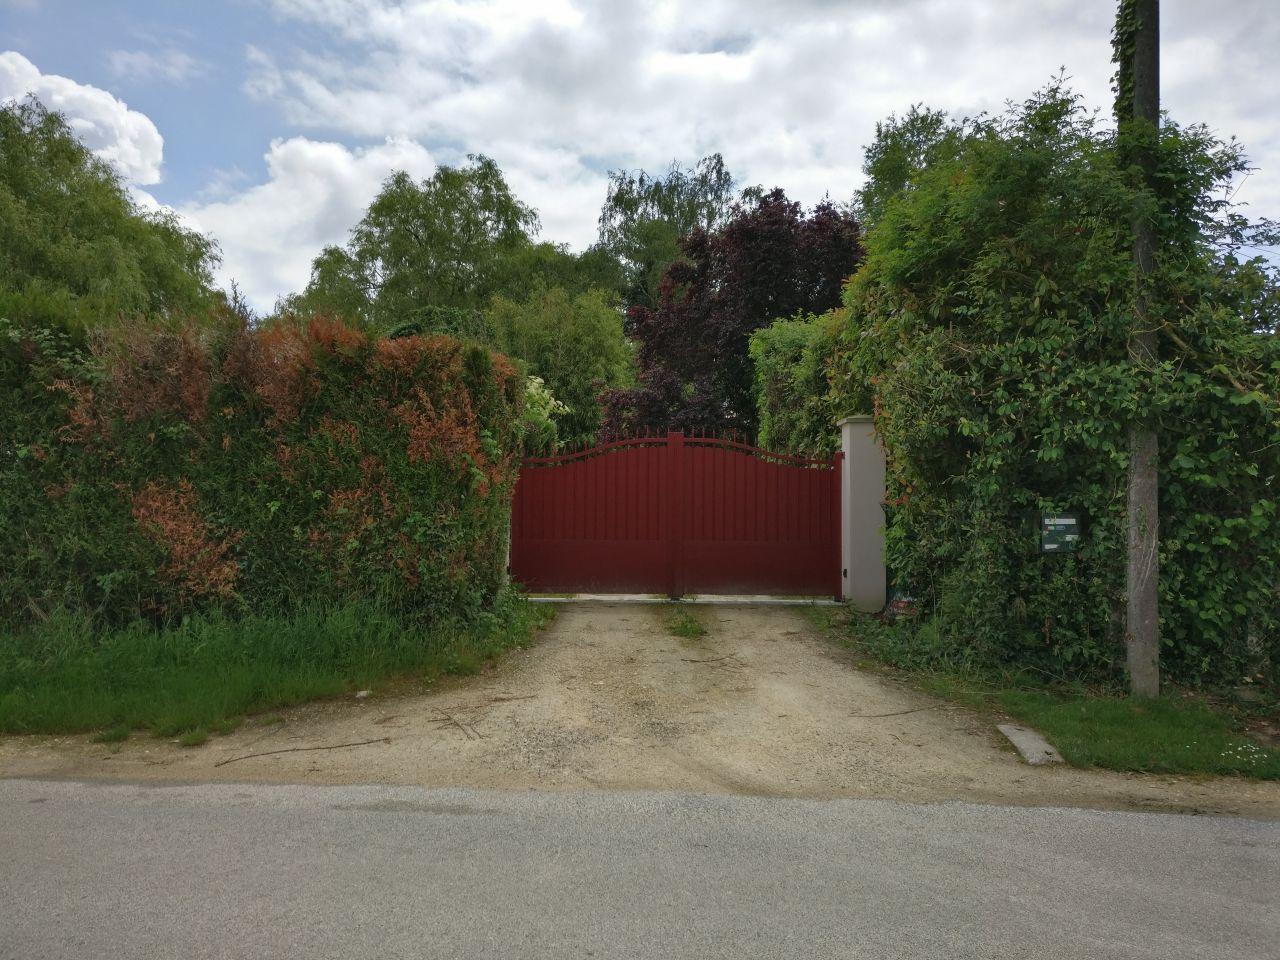 vue de la route, portail fermé